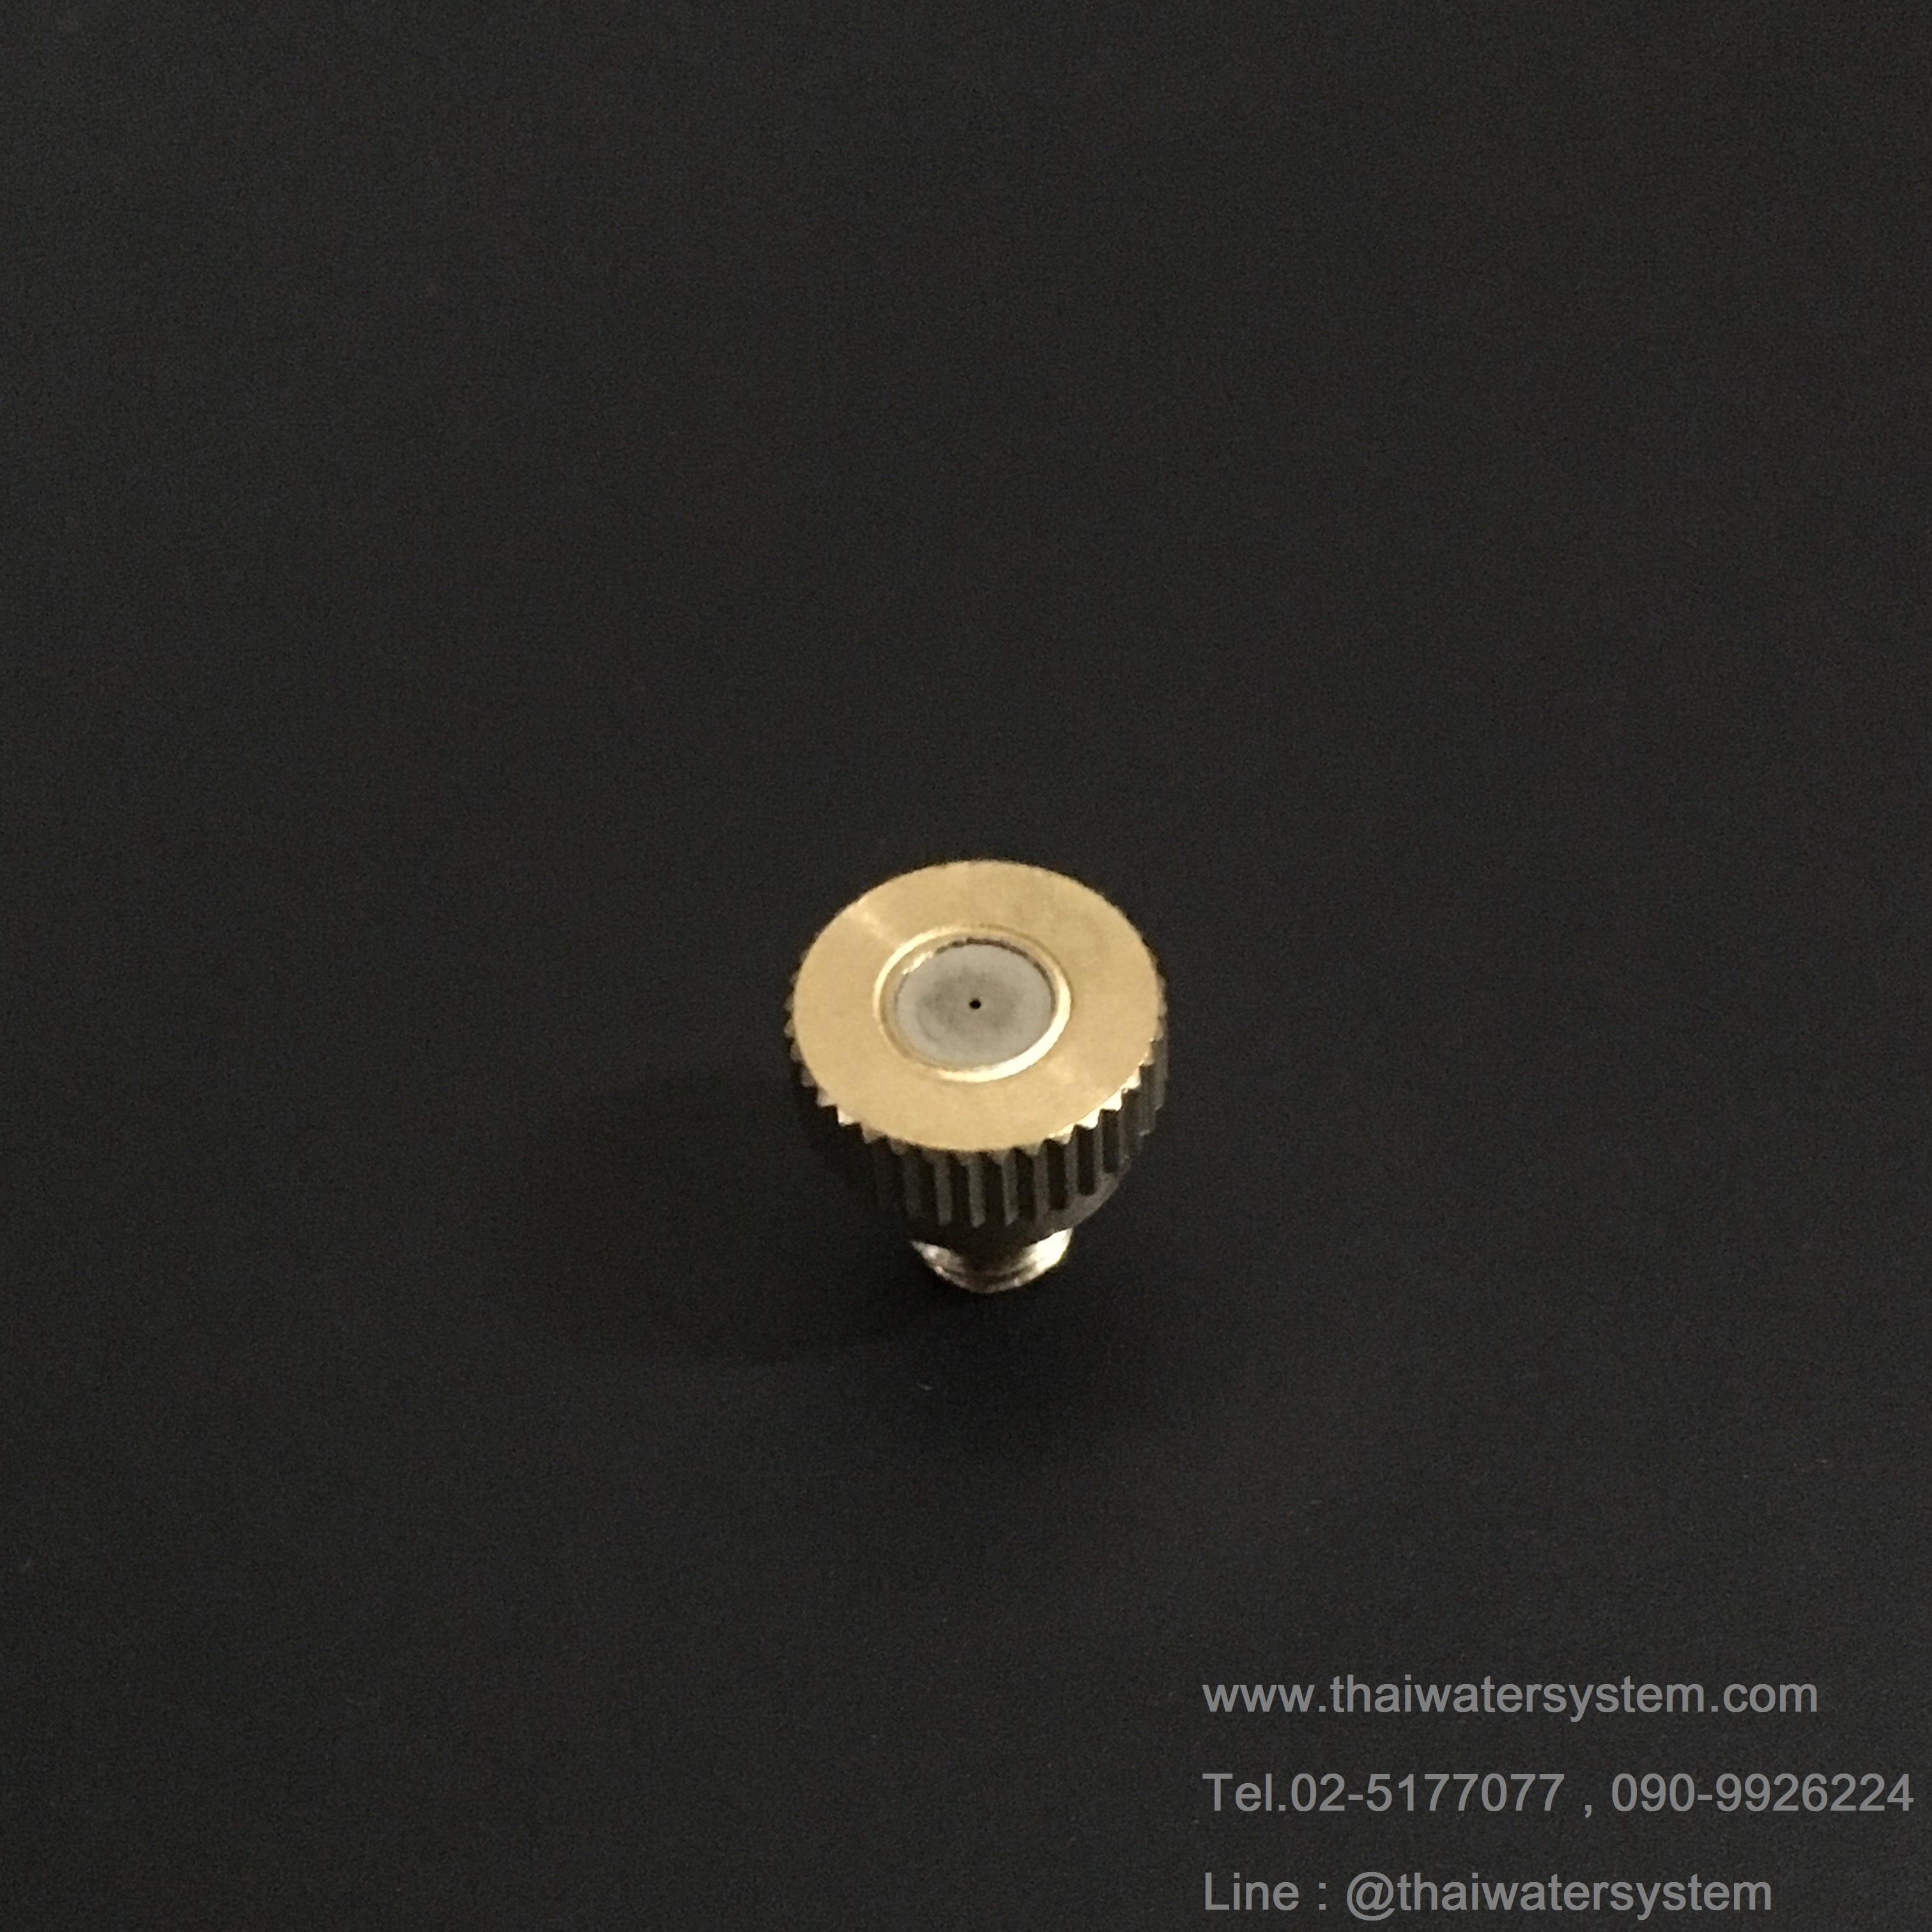 หัวพ่นหมอกกระดุมมีความละเอียด 0.2 mm.